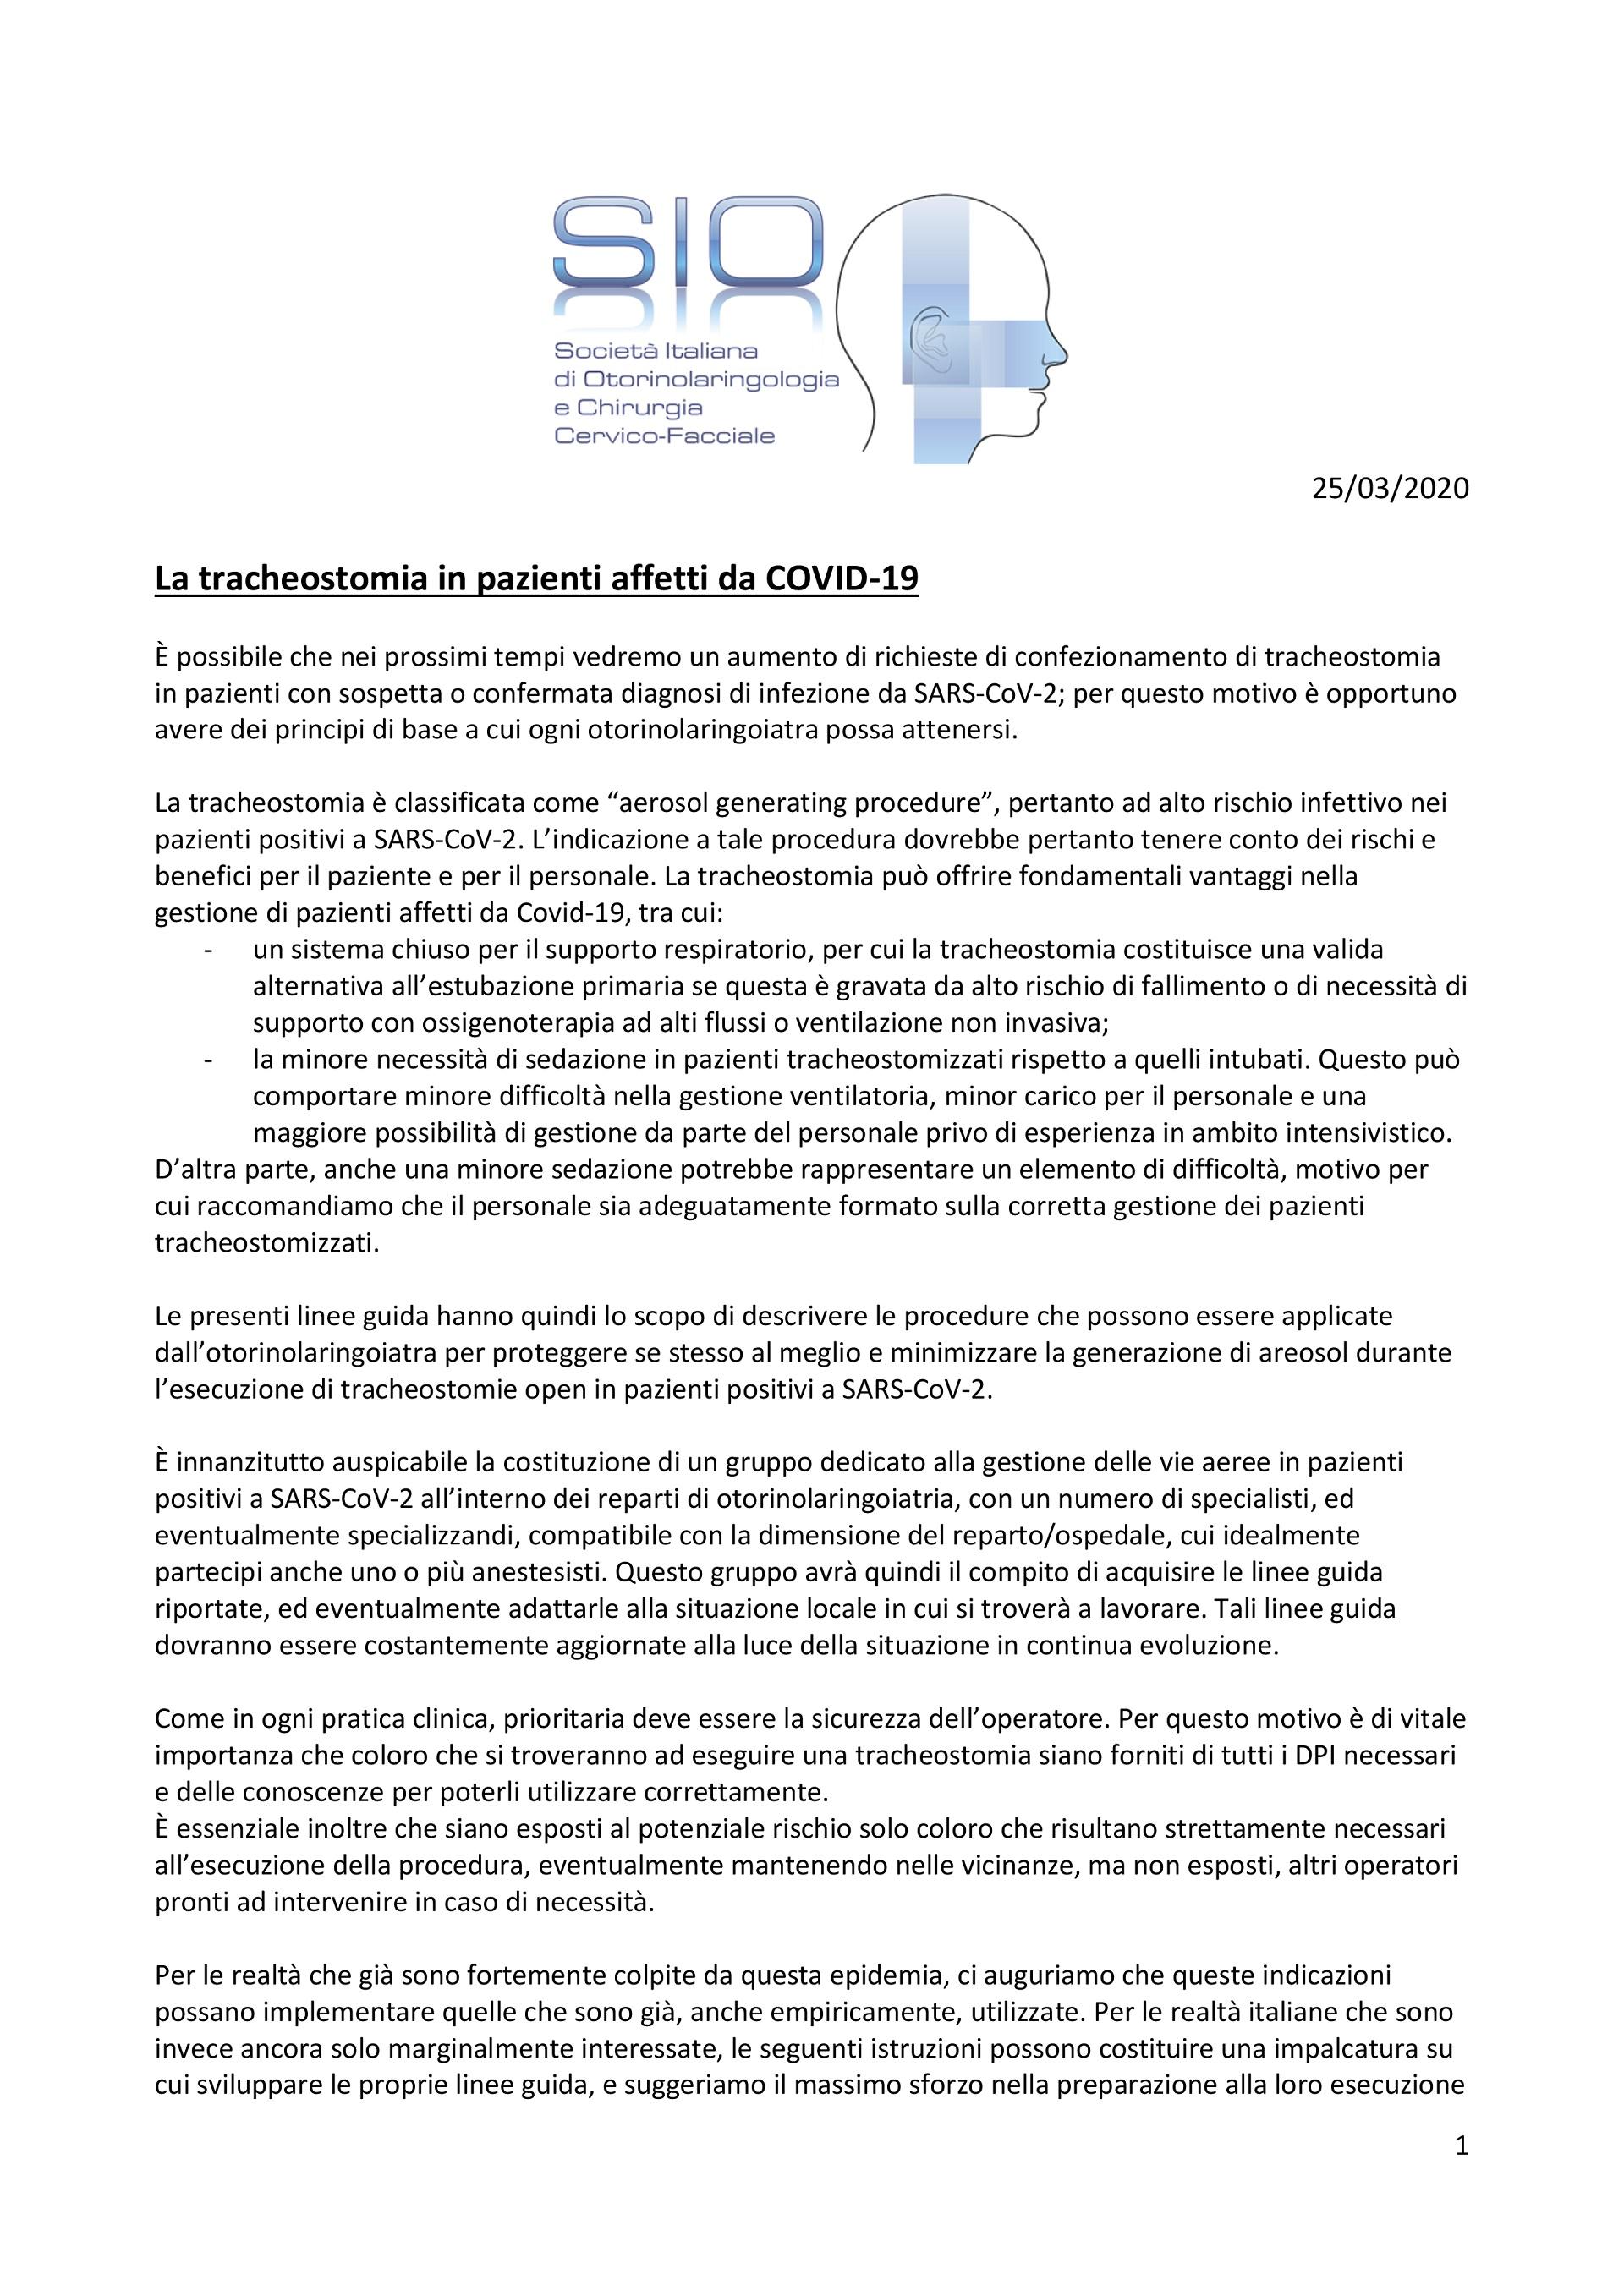 tracheotomia-pazienti-cov19-doc